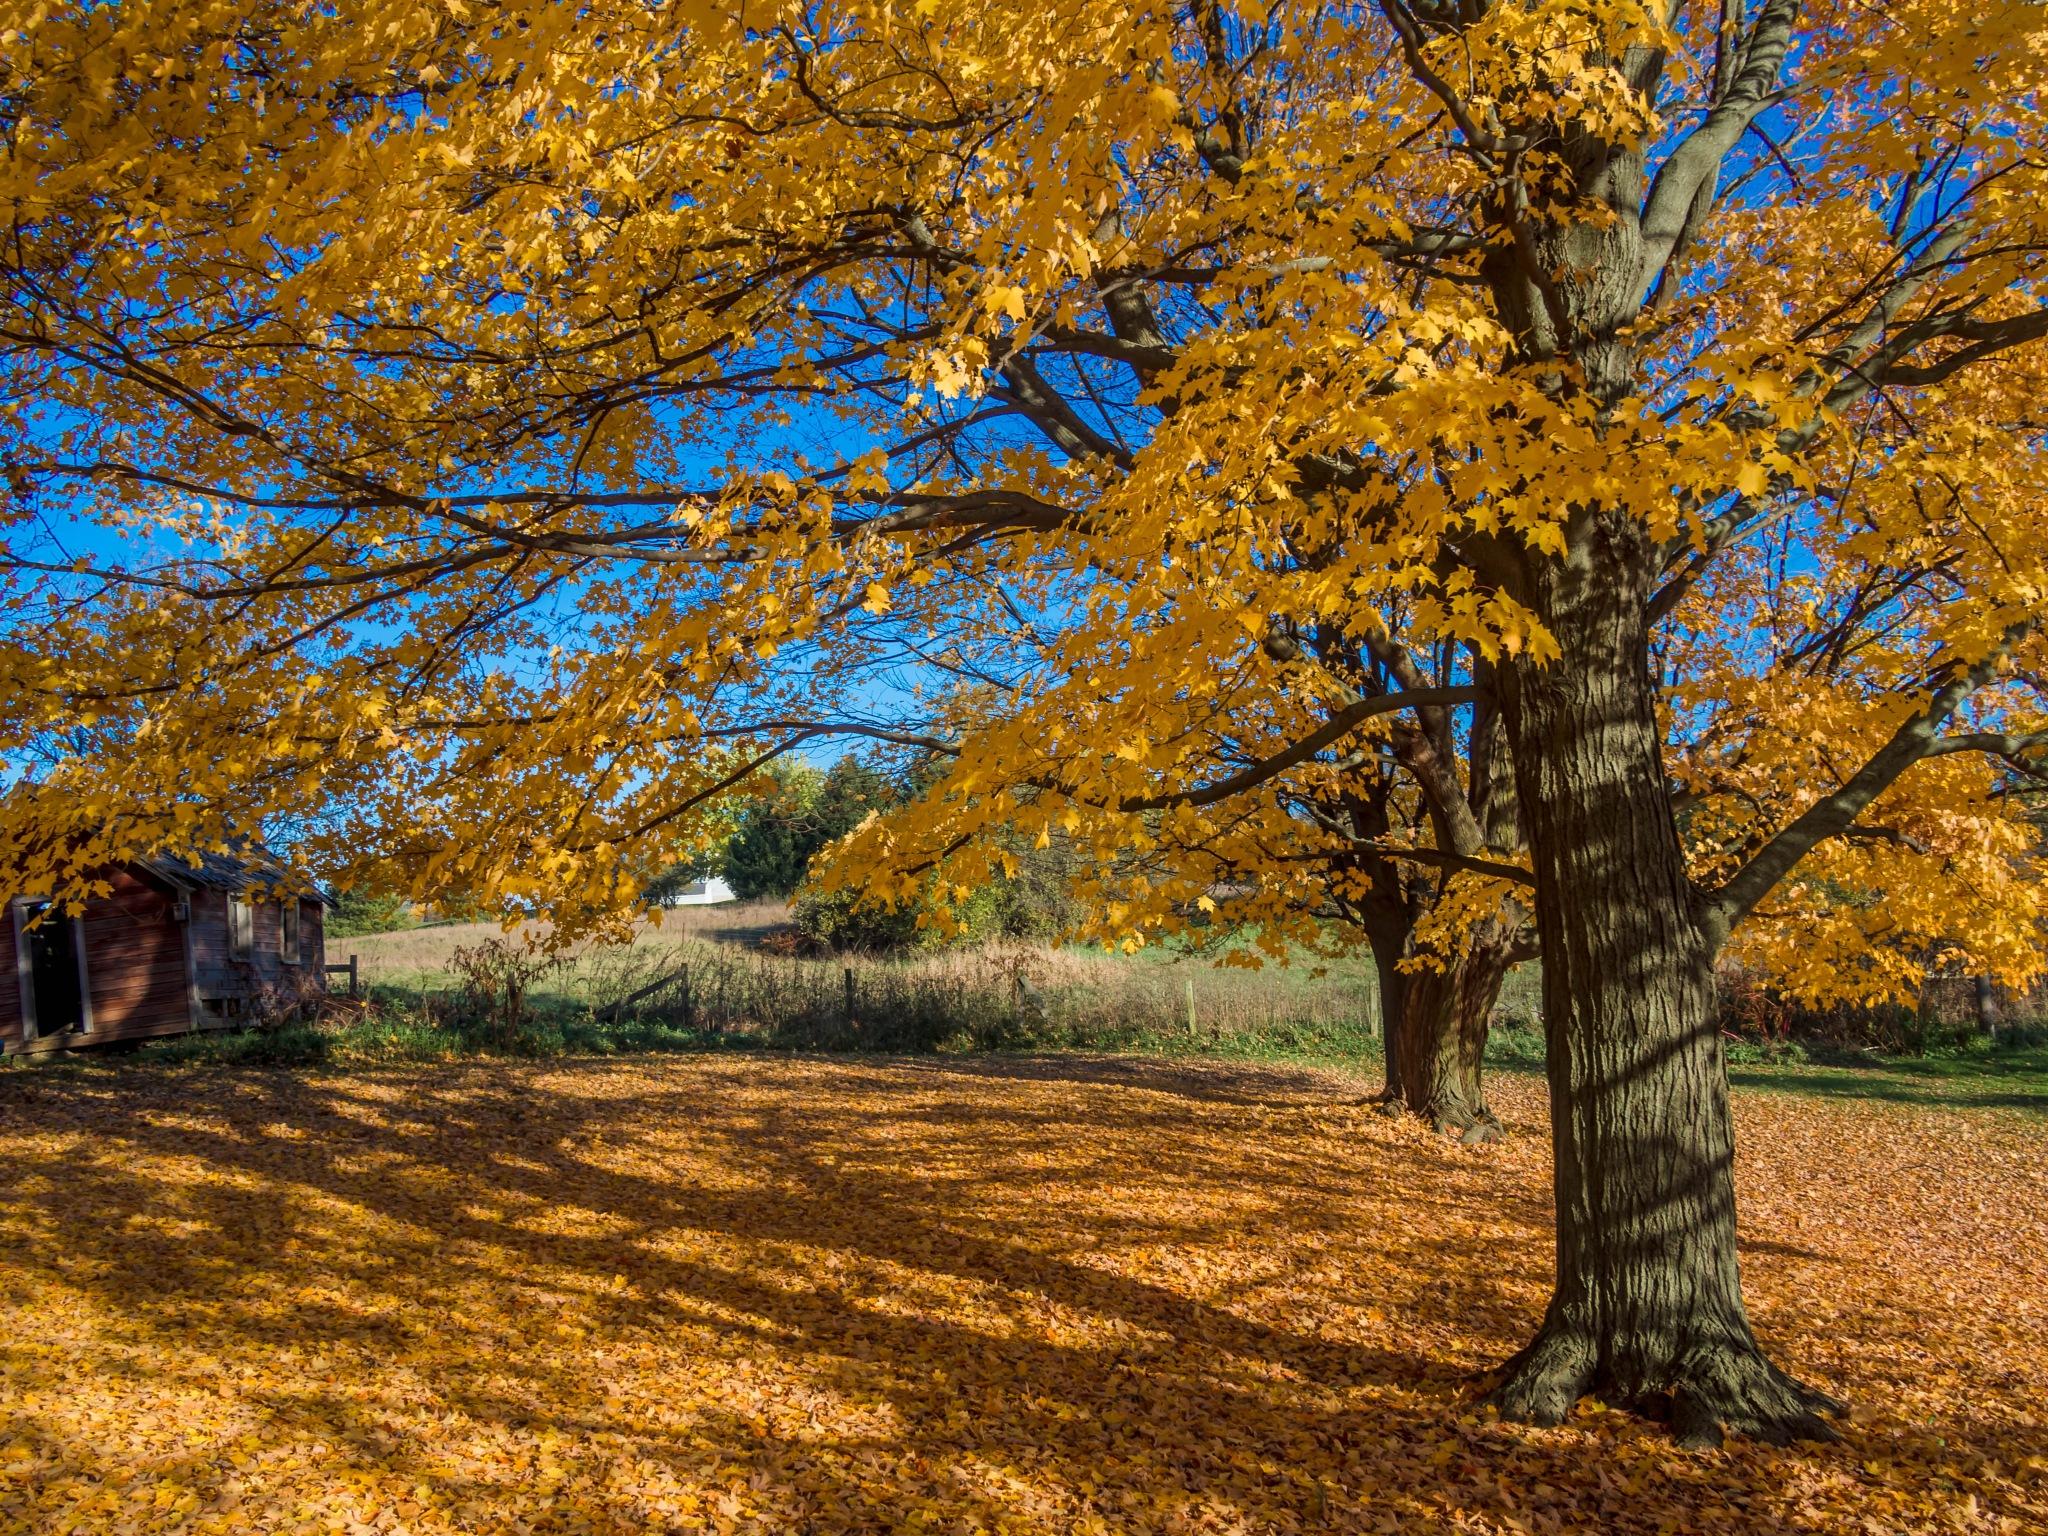 Sea of Leaves by Al